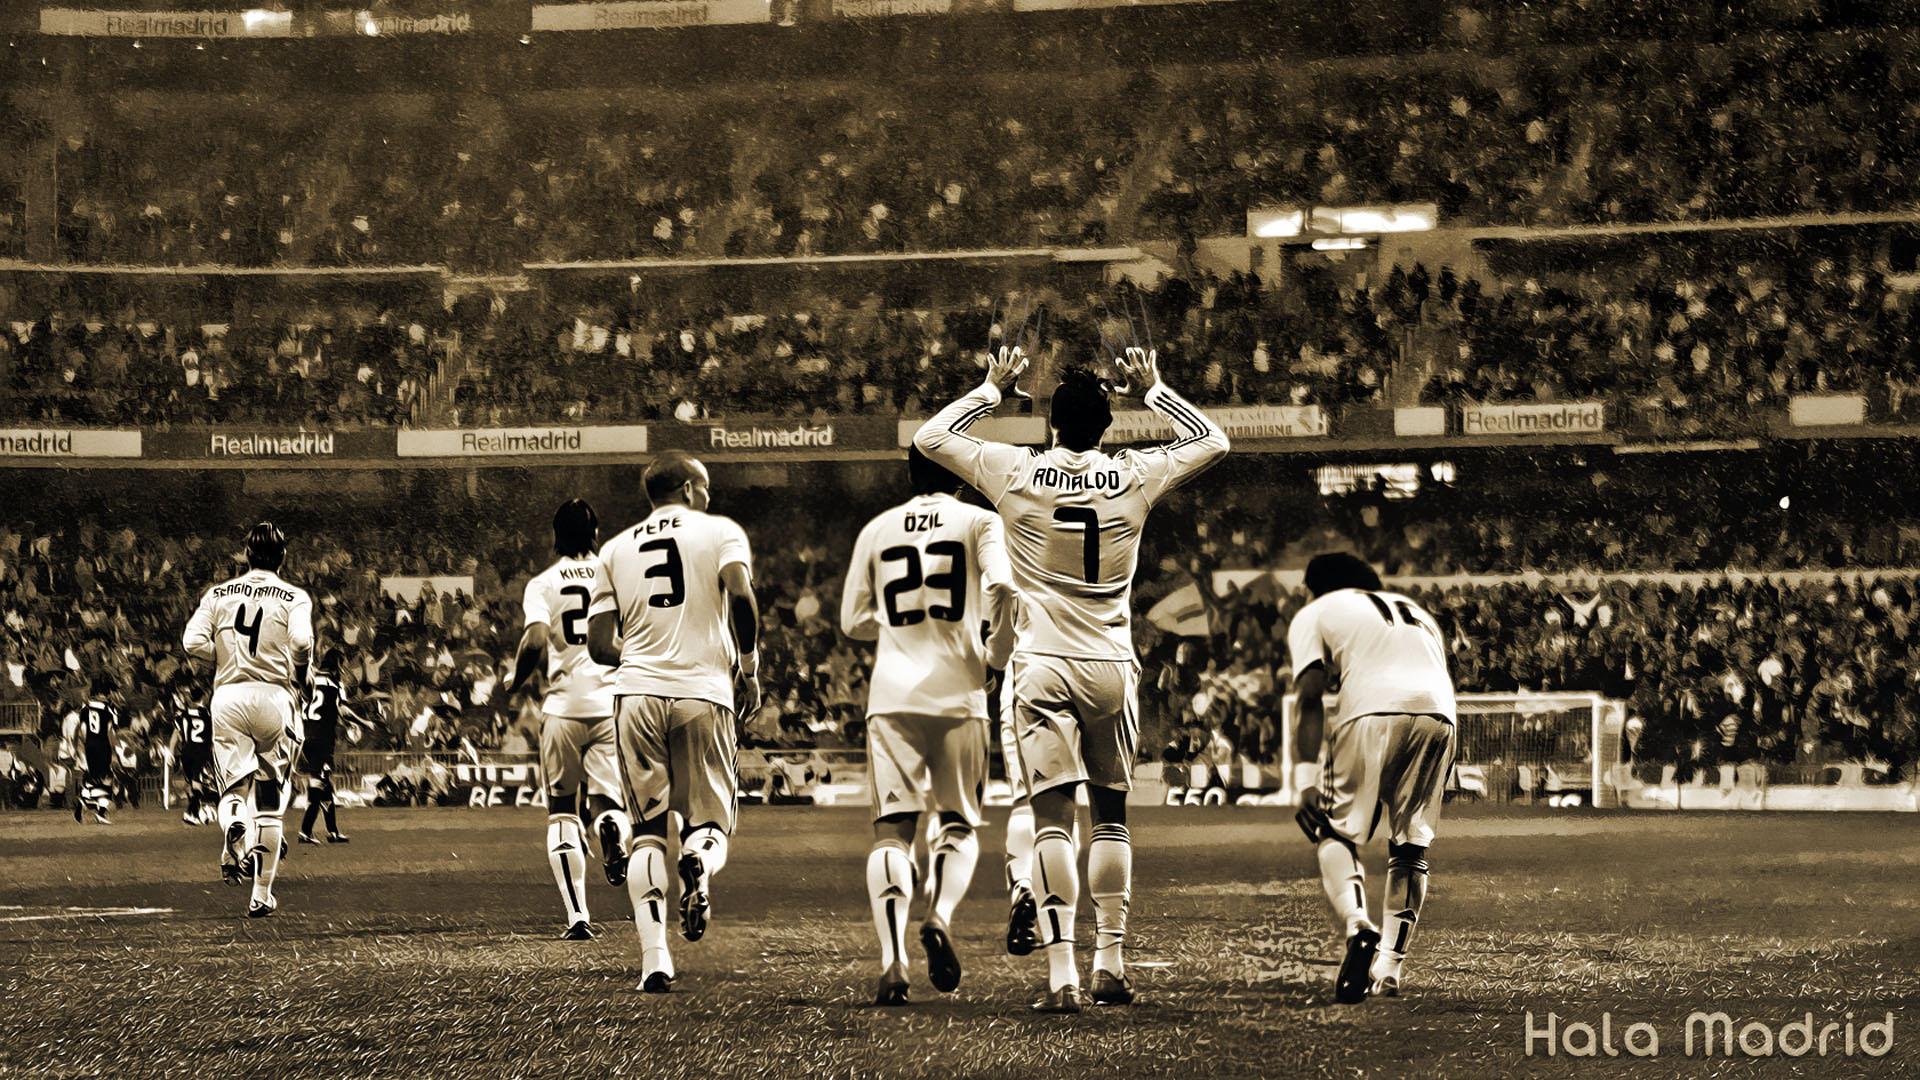 Real Madrid Wallpaper Mobile Phones